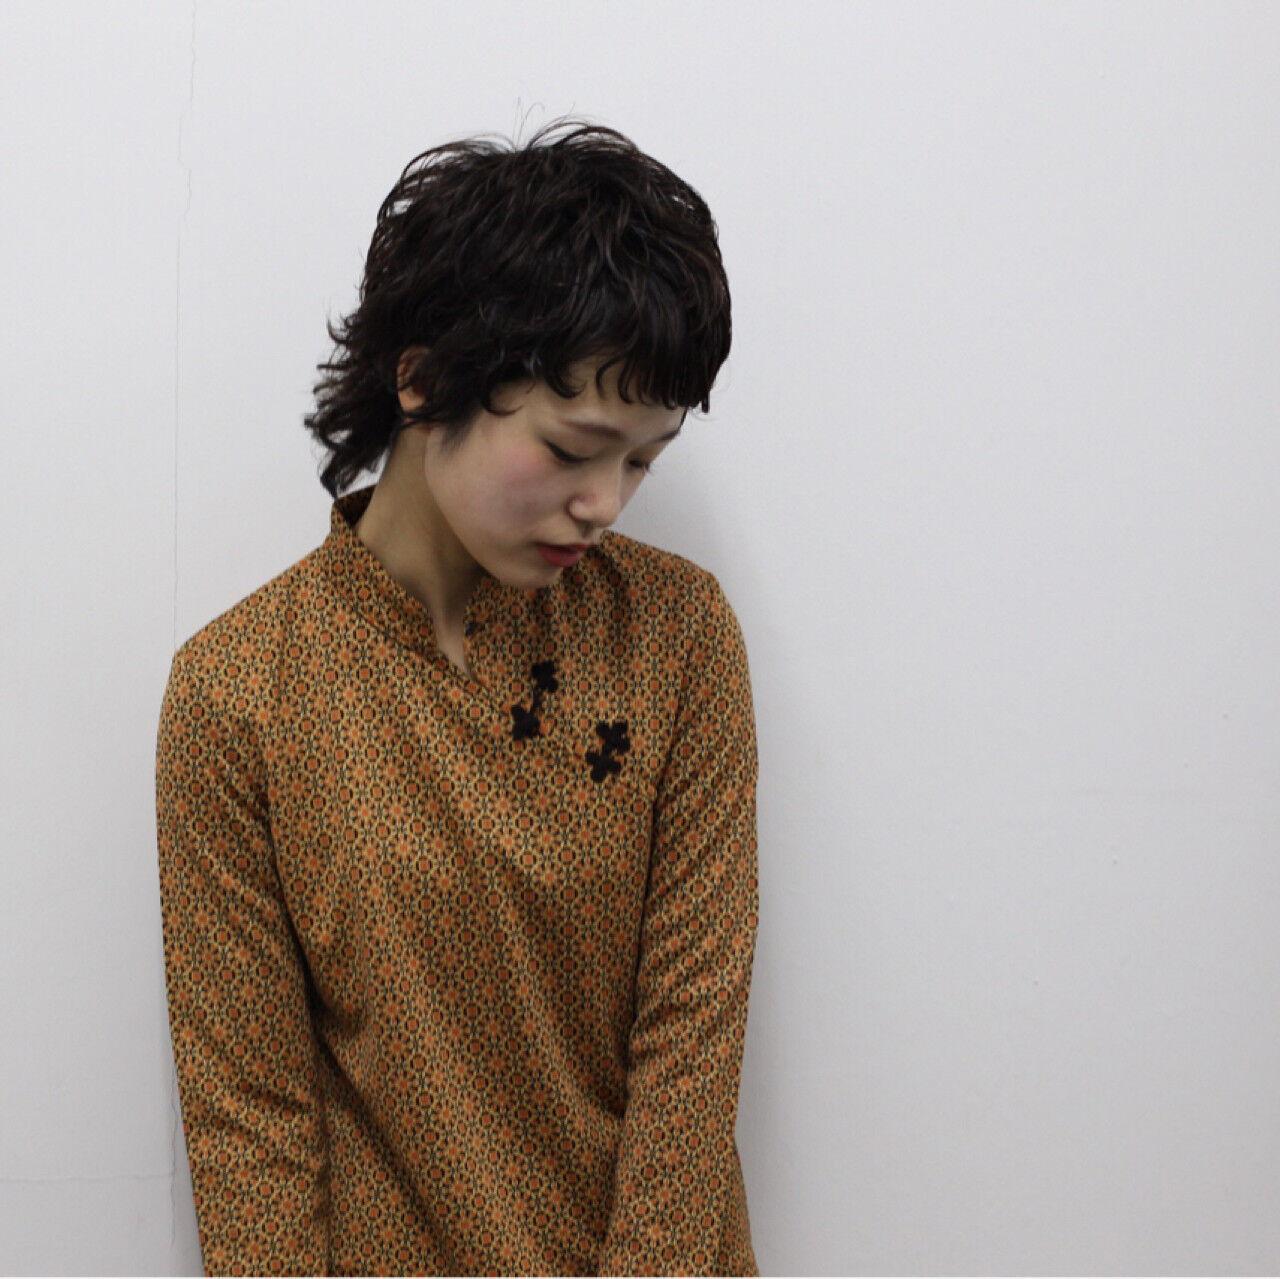 黒髪 ショート ウルフカット アッシュヘアスタイルや髪型の写真・画像